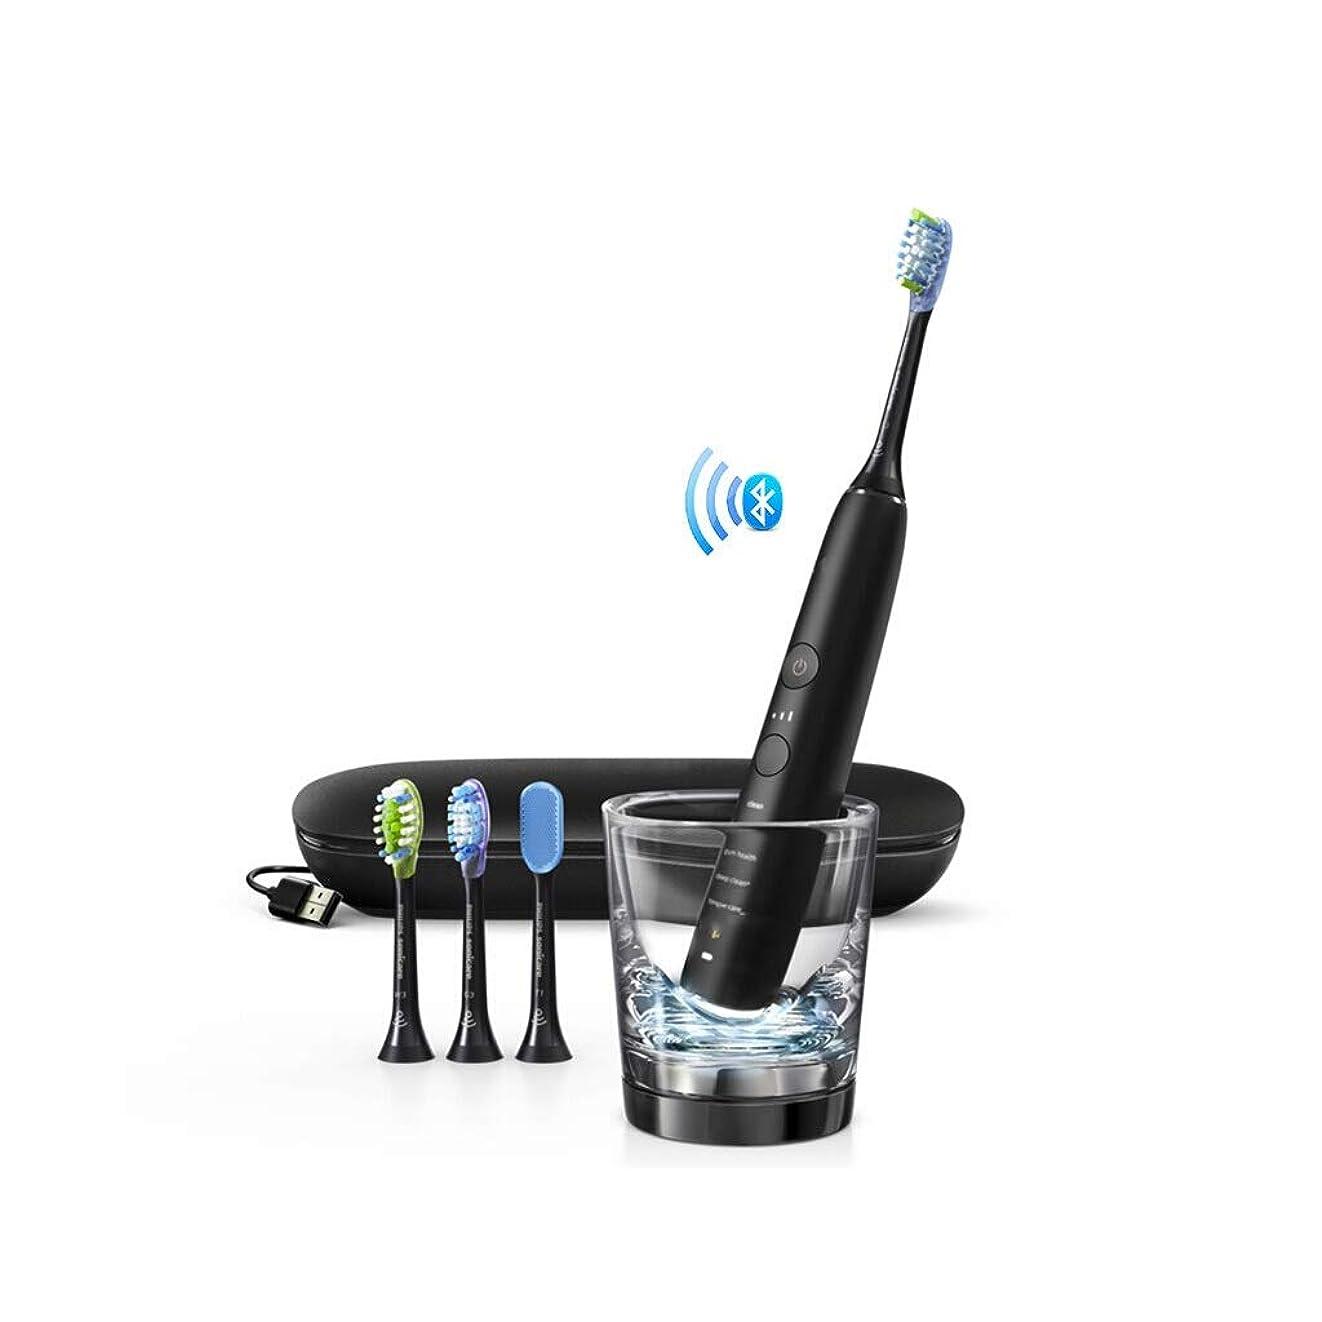 強化する面詩人電動歯ブラシ 大人の音波の振動の電動歯ブラシのダイヤモンドシリーズは口頭黄色の心配の歯ブラシを改良します (色 : ブラック)